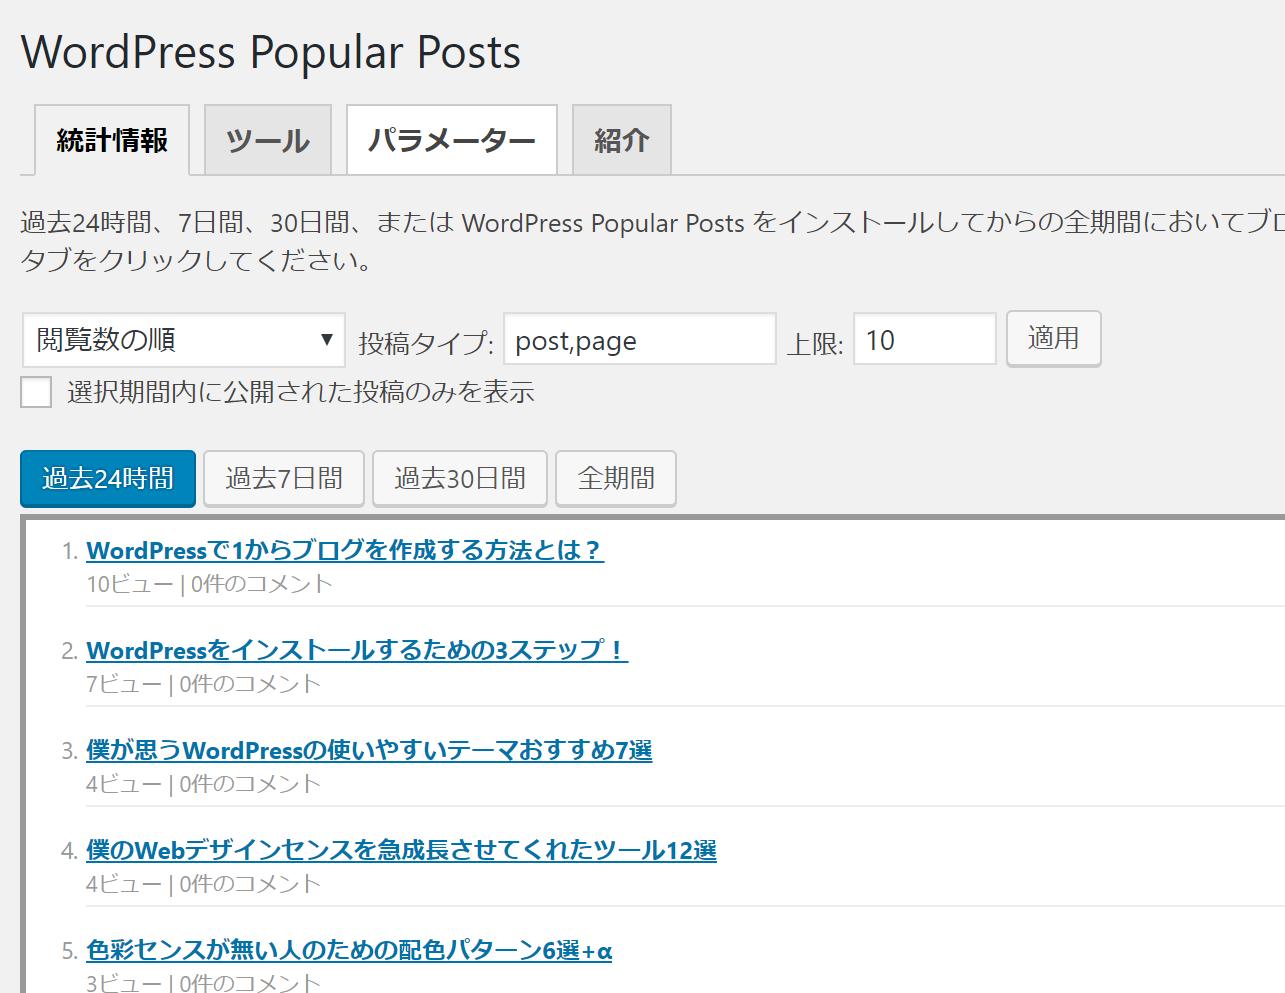 pp setting2 - WordPress Popular Postsの設定・日本語化・カスタマイズ方法のまとめ